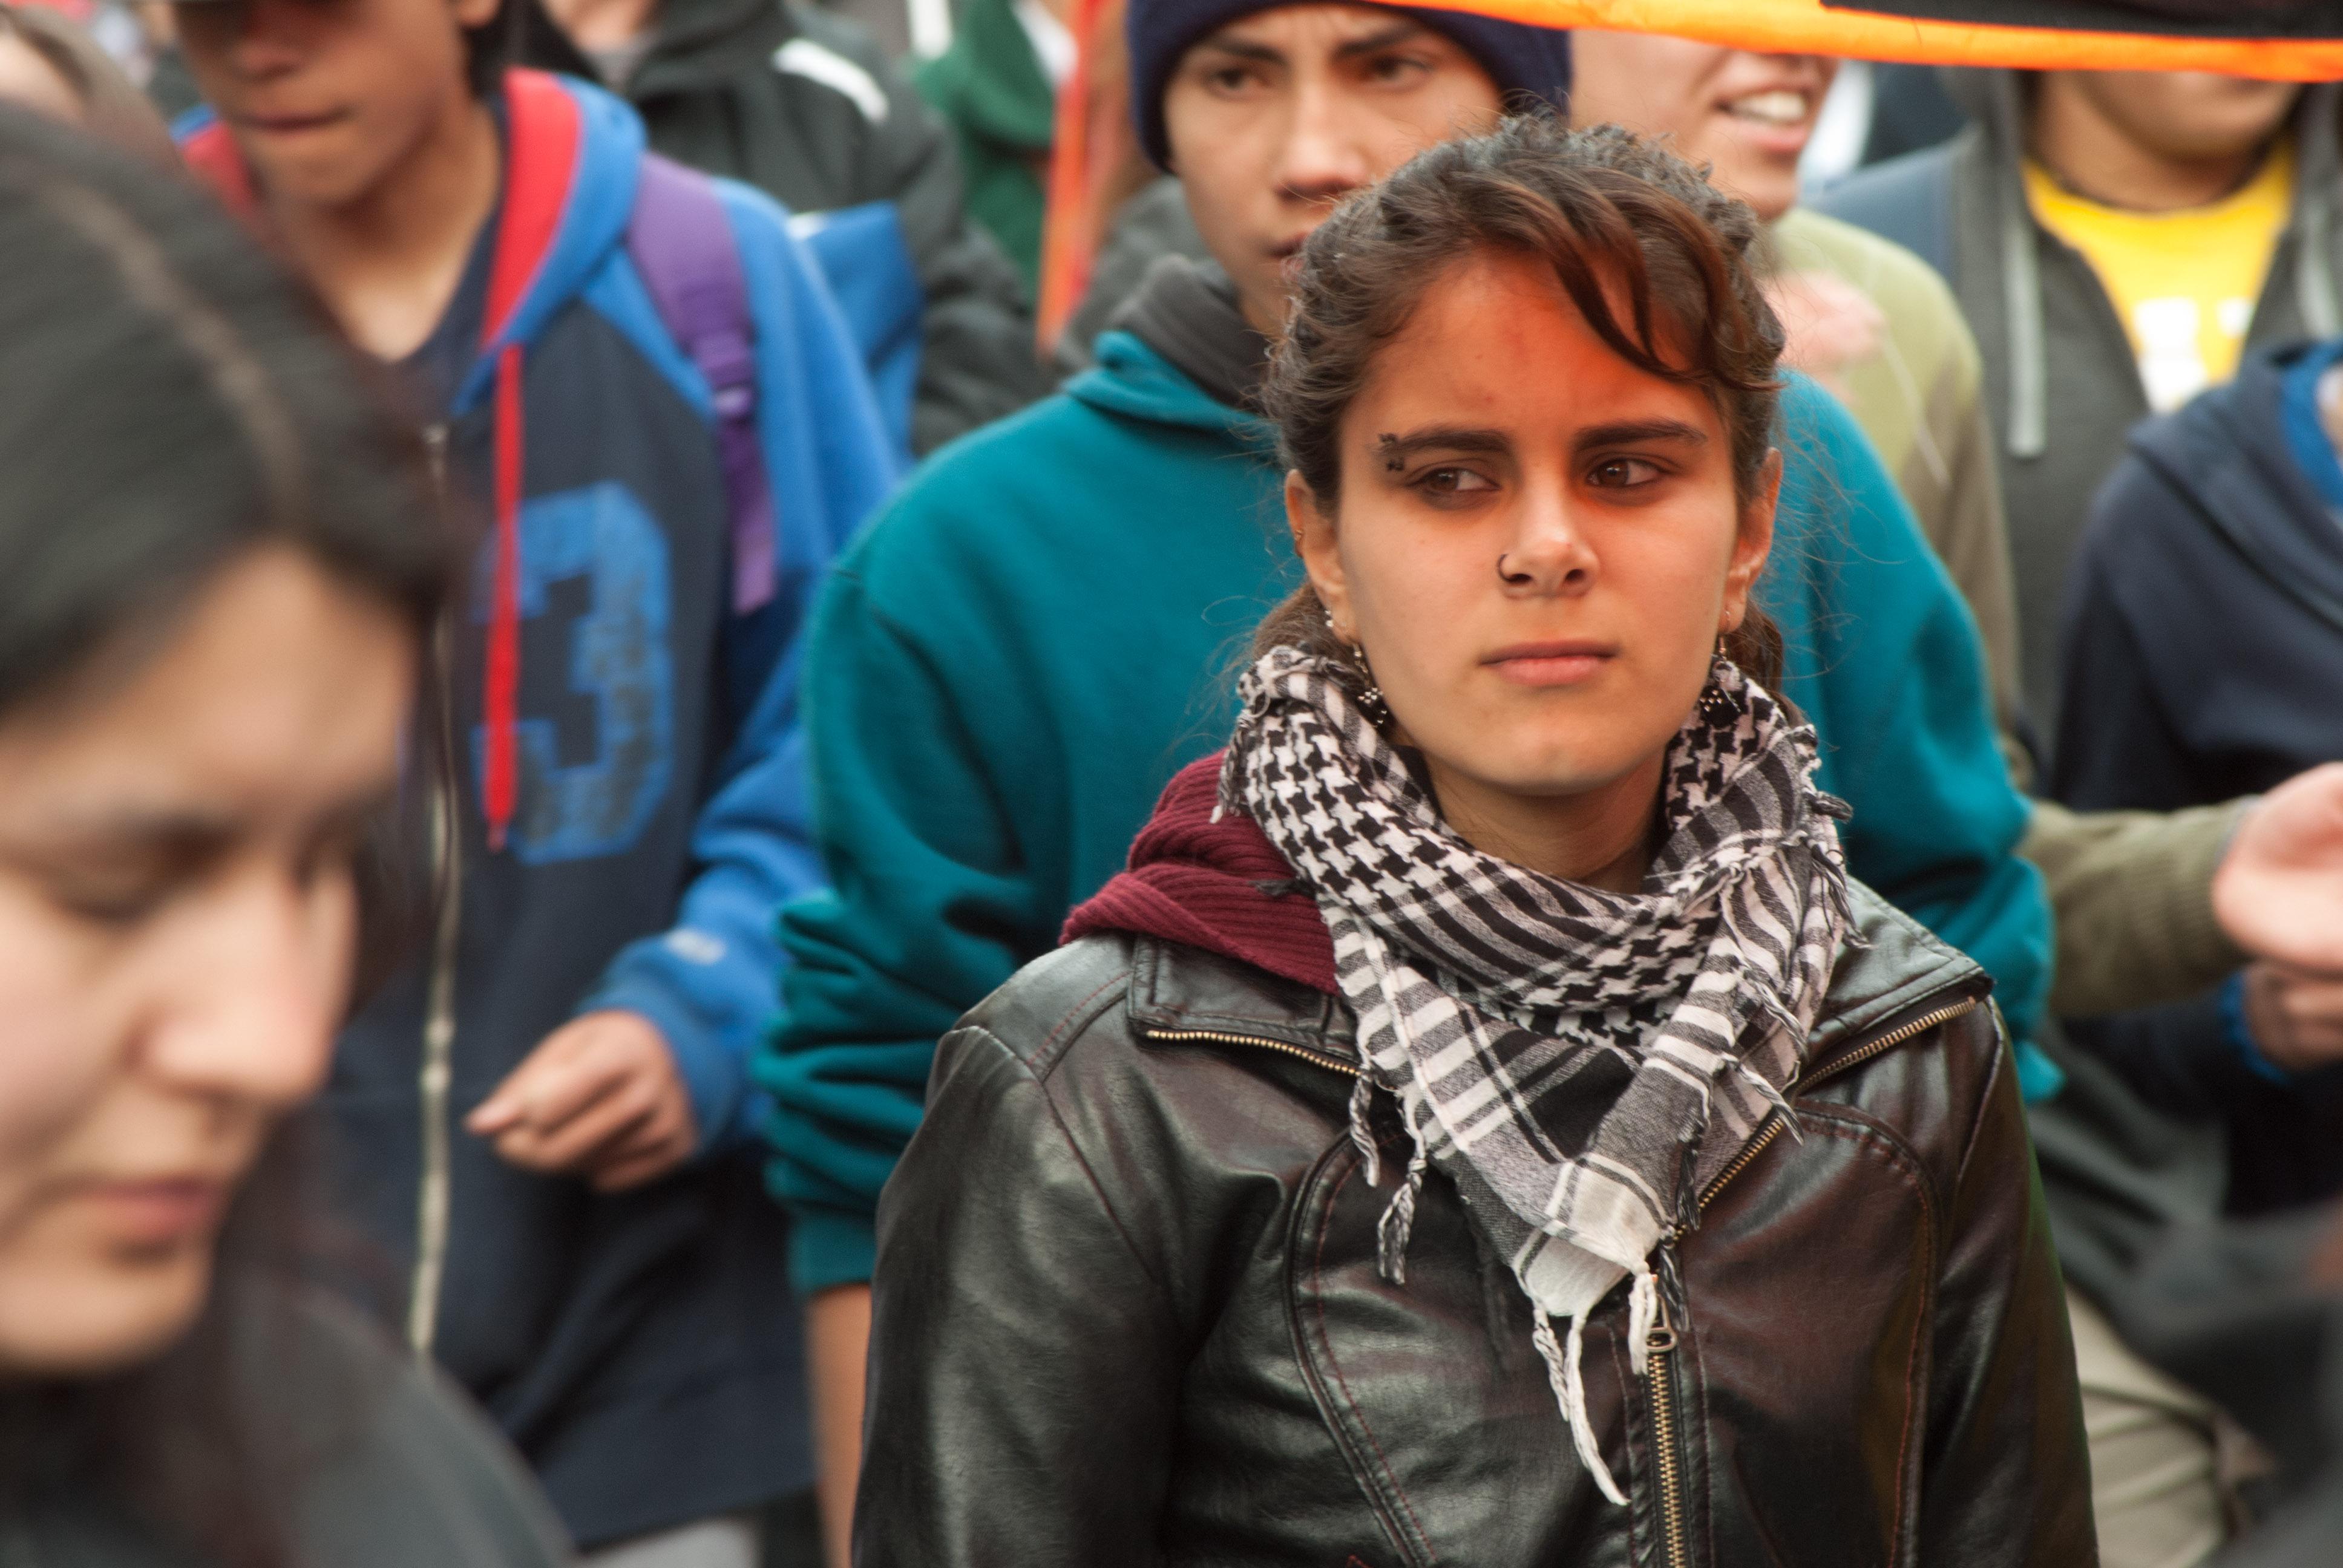 Estudiante en protesta, con una chaqueta de cuero y una bufanda